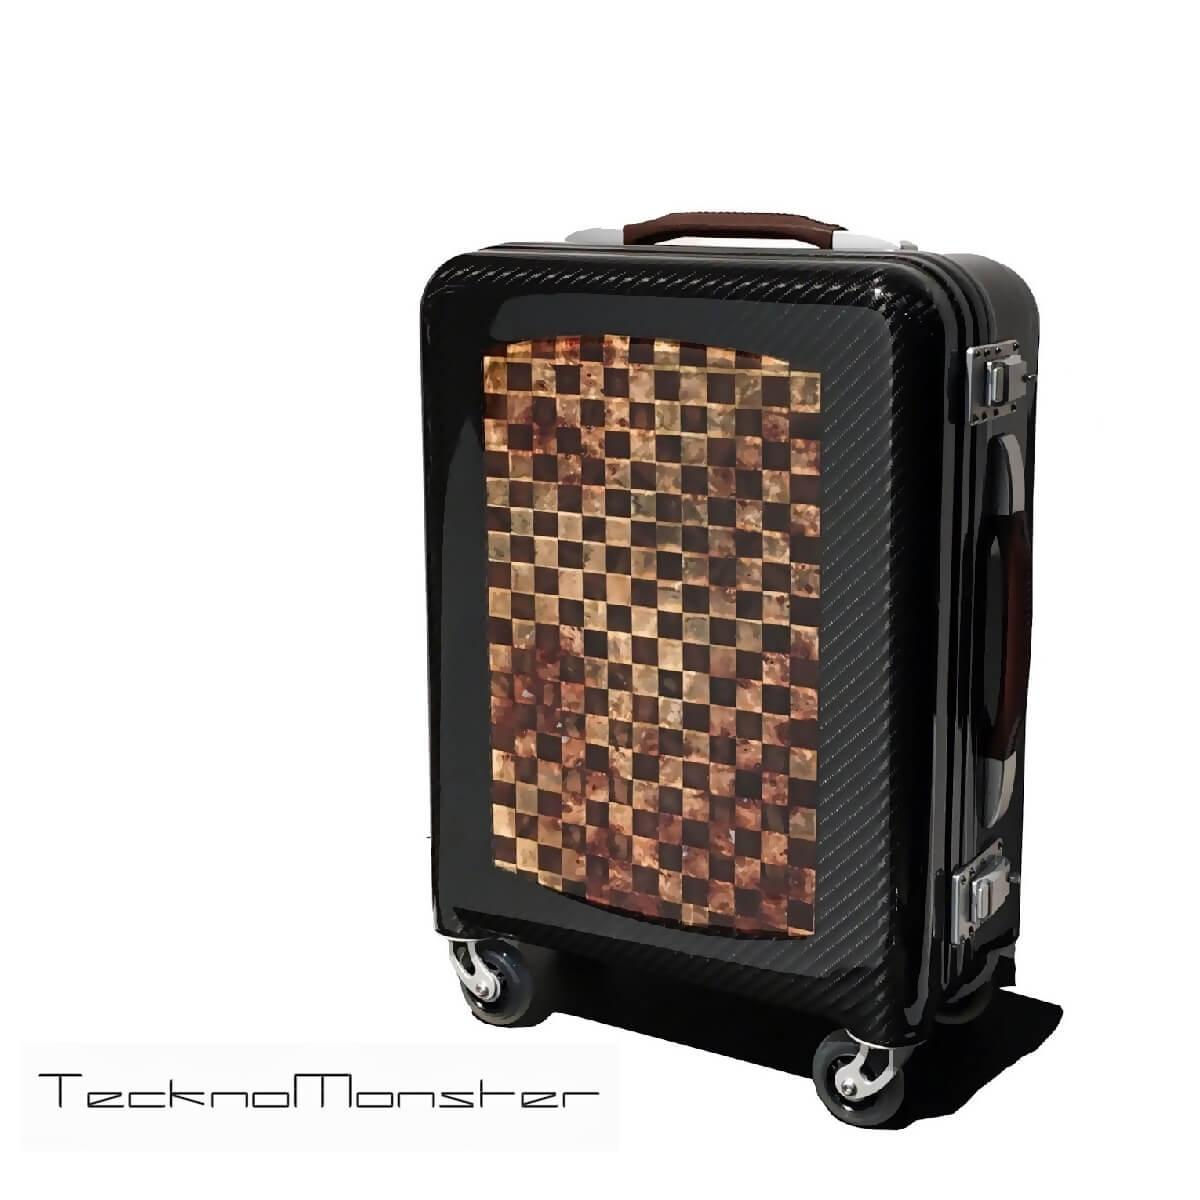 TecknoMonster(テクノモンスター)キャリーケース 機内持ち込み キャリーバッグ トローリー カーボンファイバー ハードタイプ 生木 ブランド メンズ レディース イタリア製 旅行 キャリーバッグ 高級